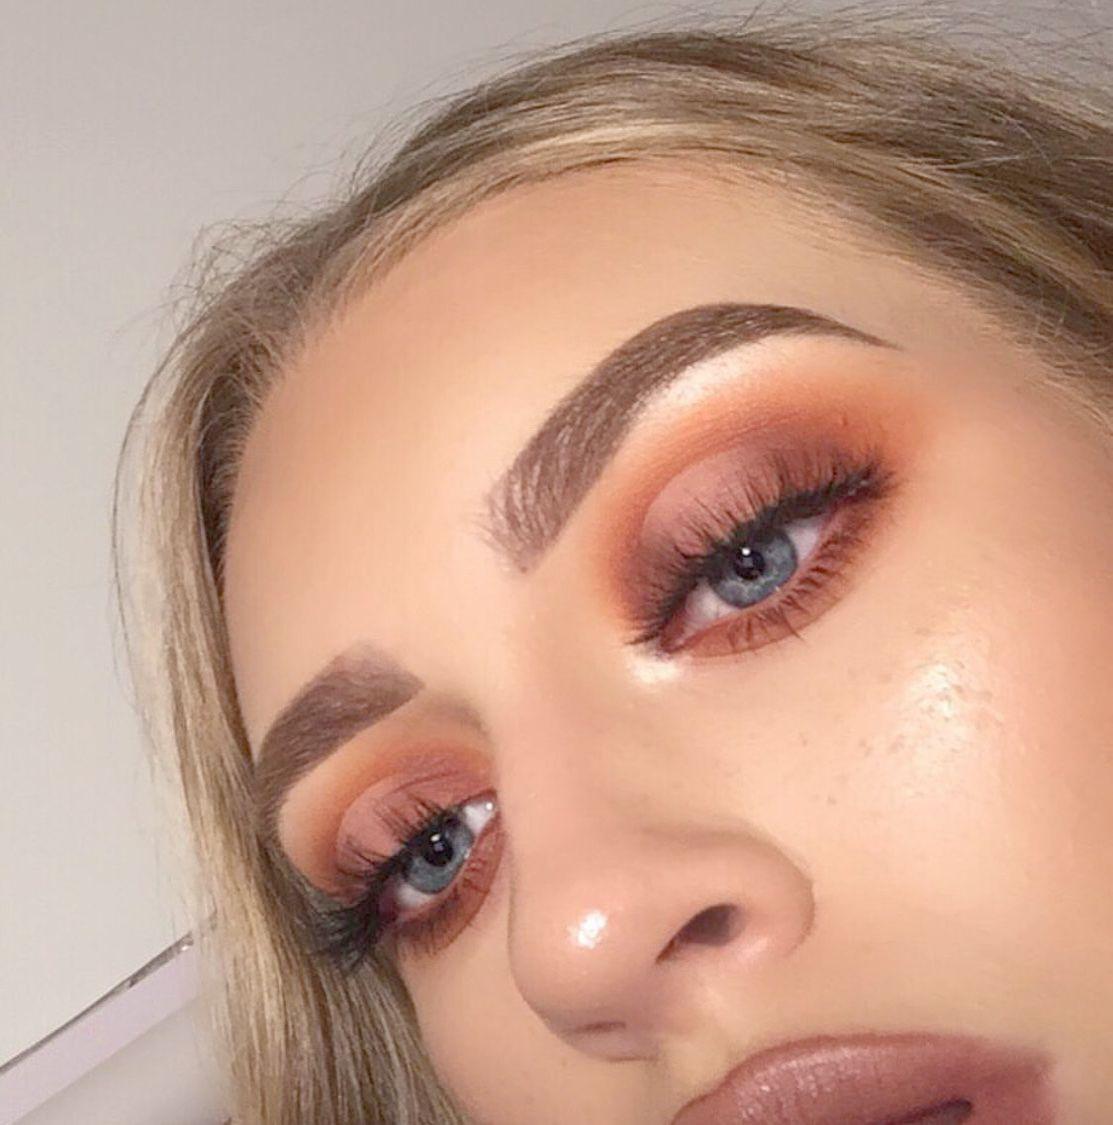 Makeup Organizer Ph nor Makeup Geek Owner Twitter; Makeup